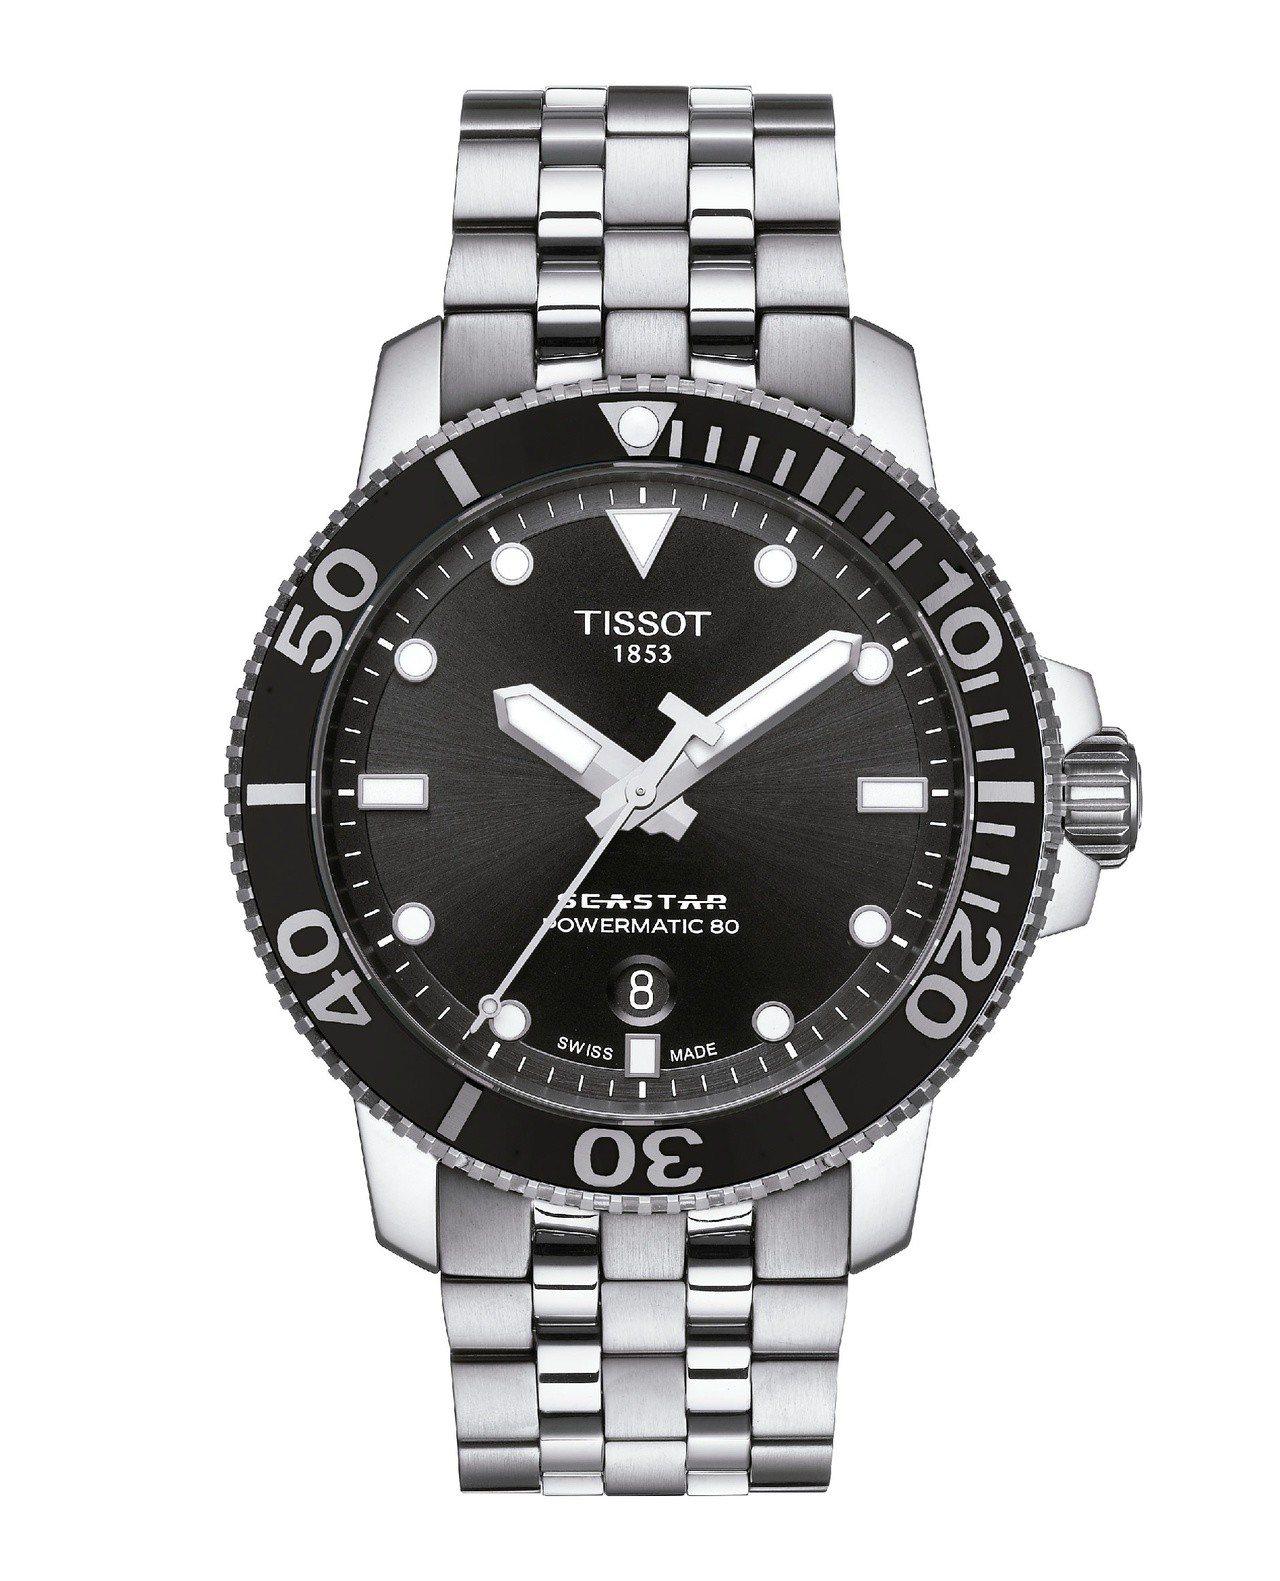 天梭Seastar 1000系列自動款潛水腕表,不鏽鋼表殼搭配陶瓷表圈、黑色表面...